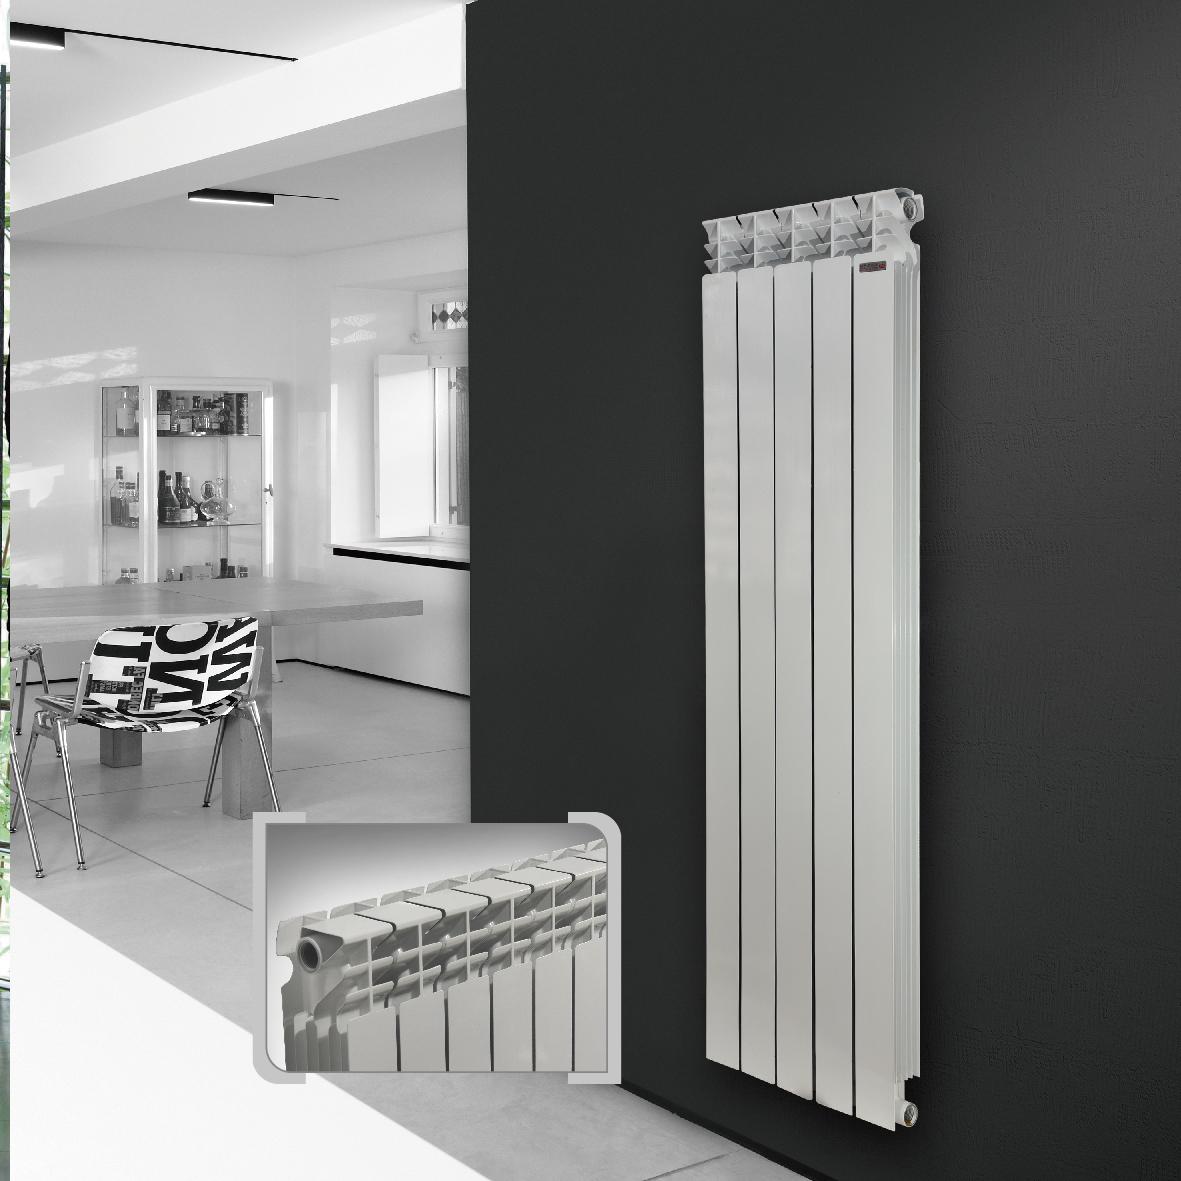 大部分时候电子器件高压铸铝散热器依照电子器件尺寸打做成所要求的限度,便仿佛三极的高压铸铝散热器和功率大的开关管。